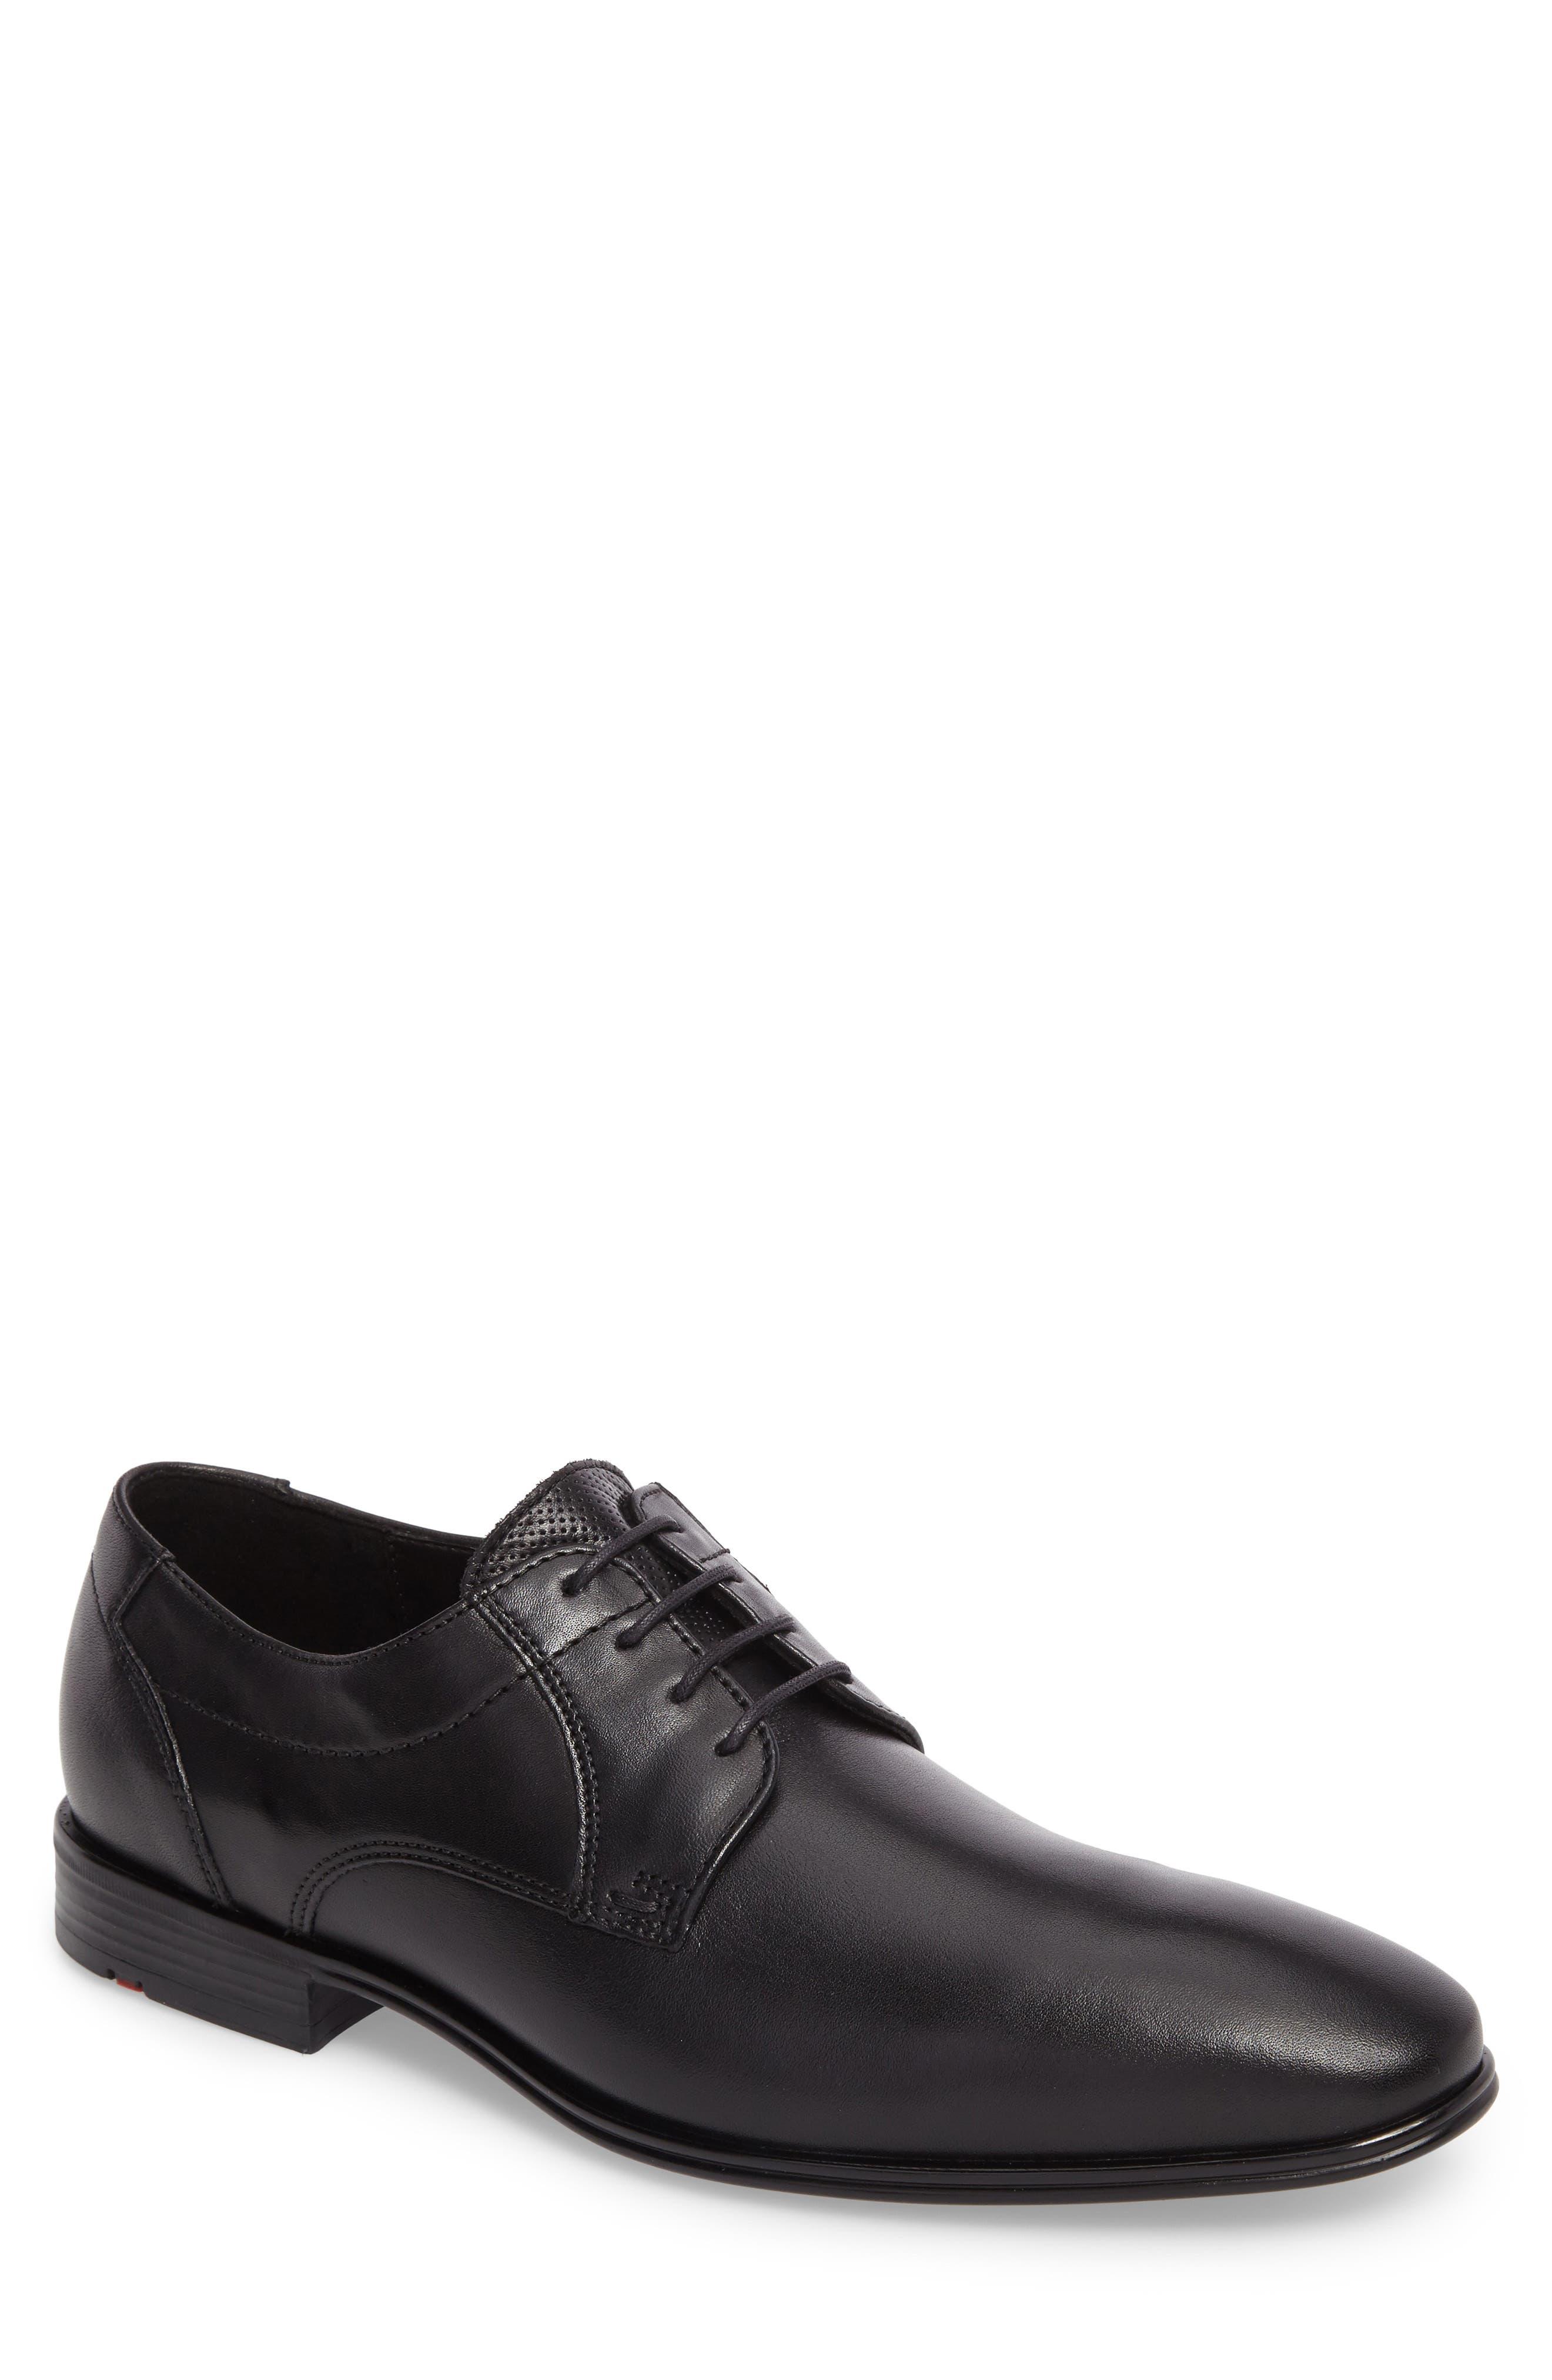 Osmond Plain Toe Derby,                         Main,                         color, BLACK LEATHER